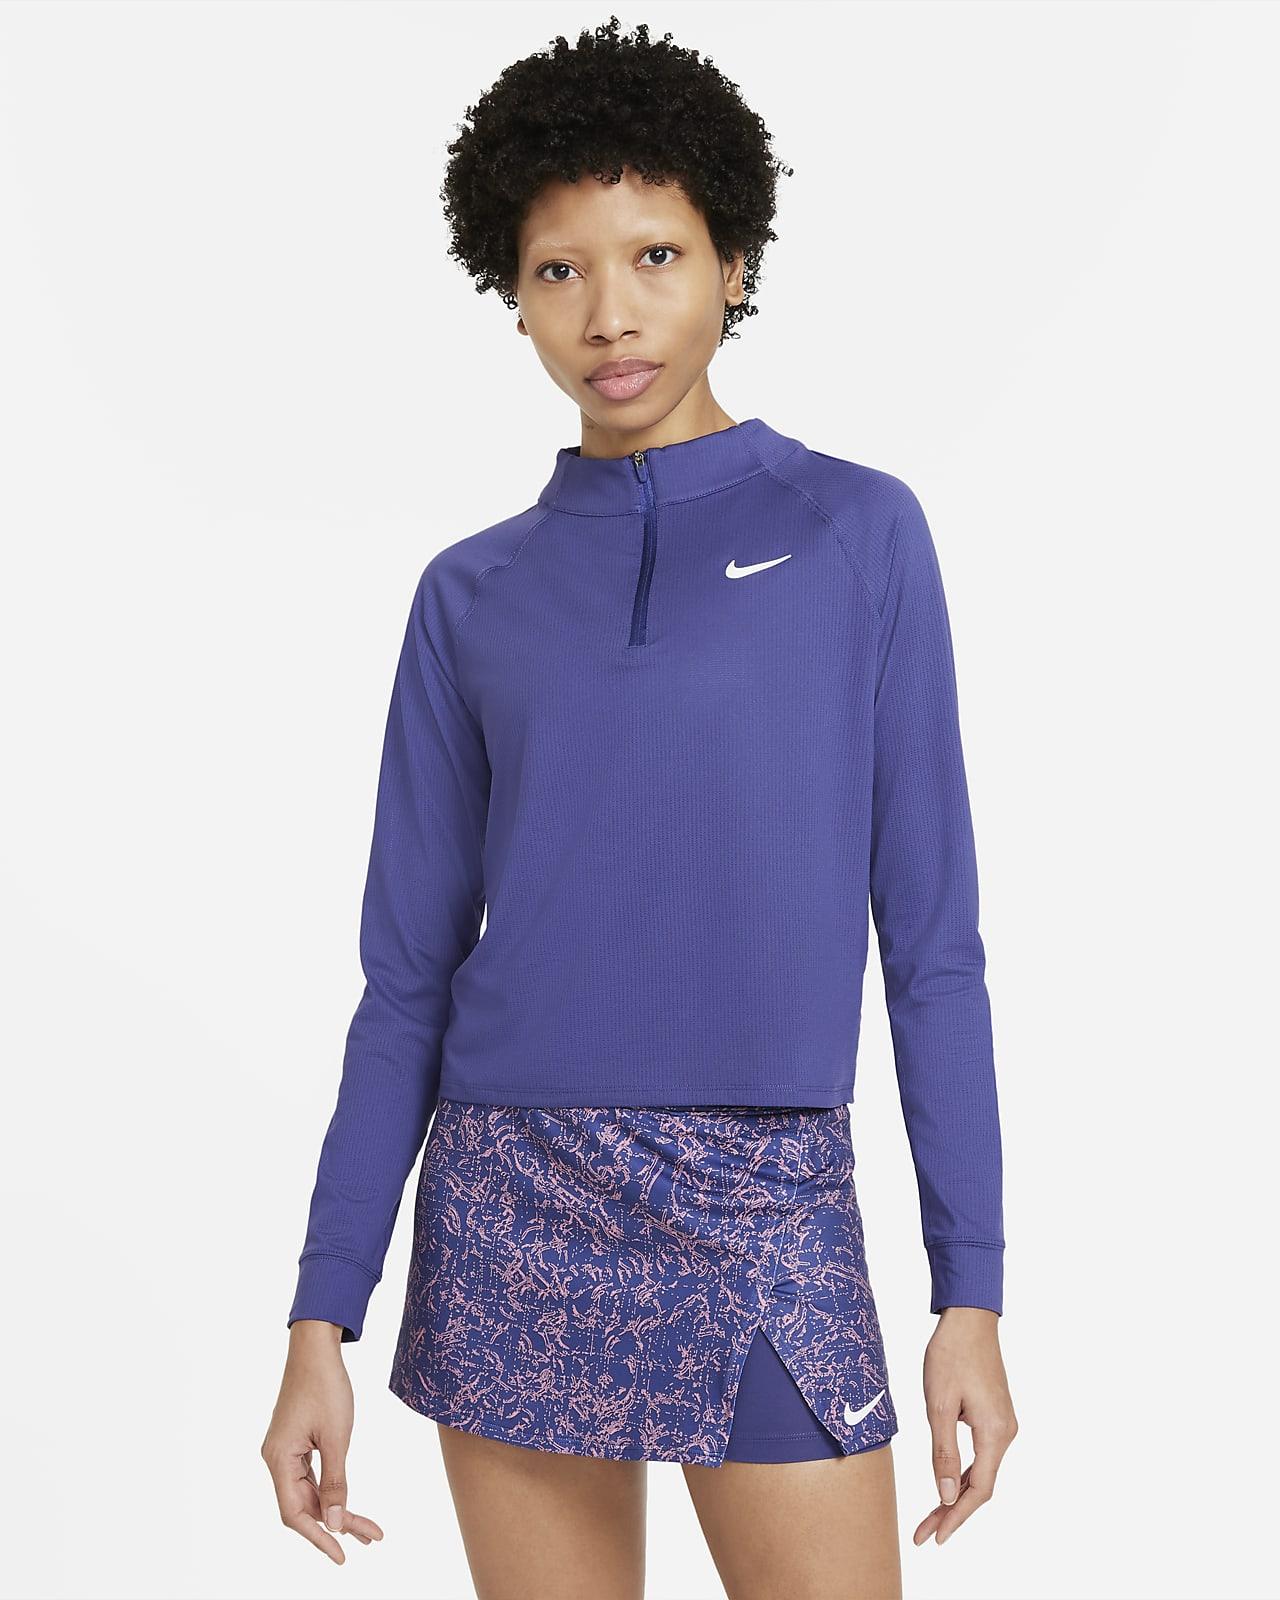 NikeCourt Dri-FIT Victory Uzun Kollu Yarım Fermuarlı Kadın Tenis Üstü